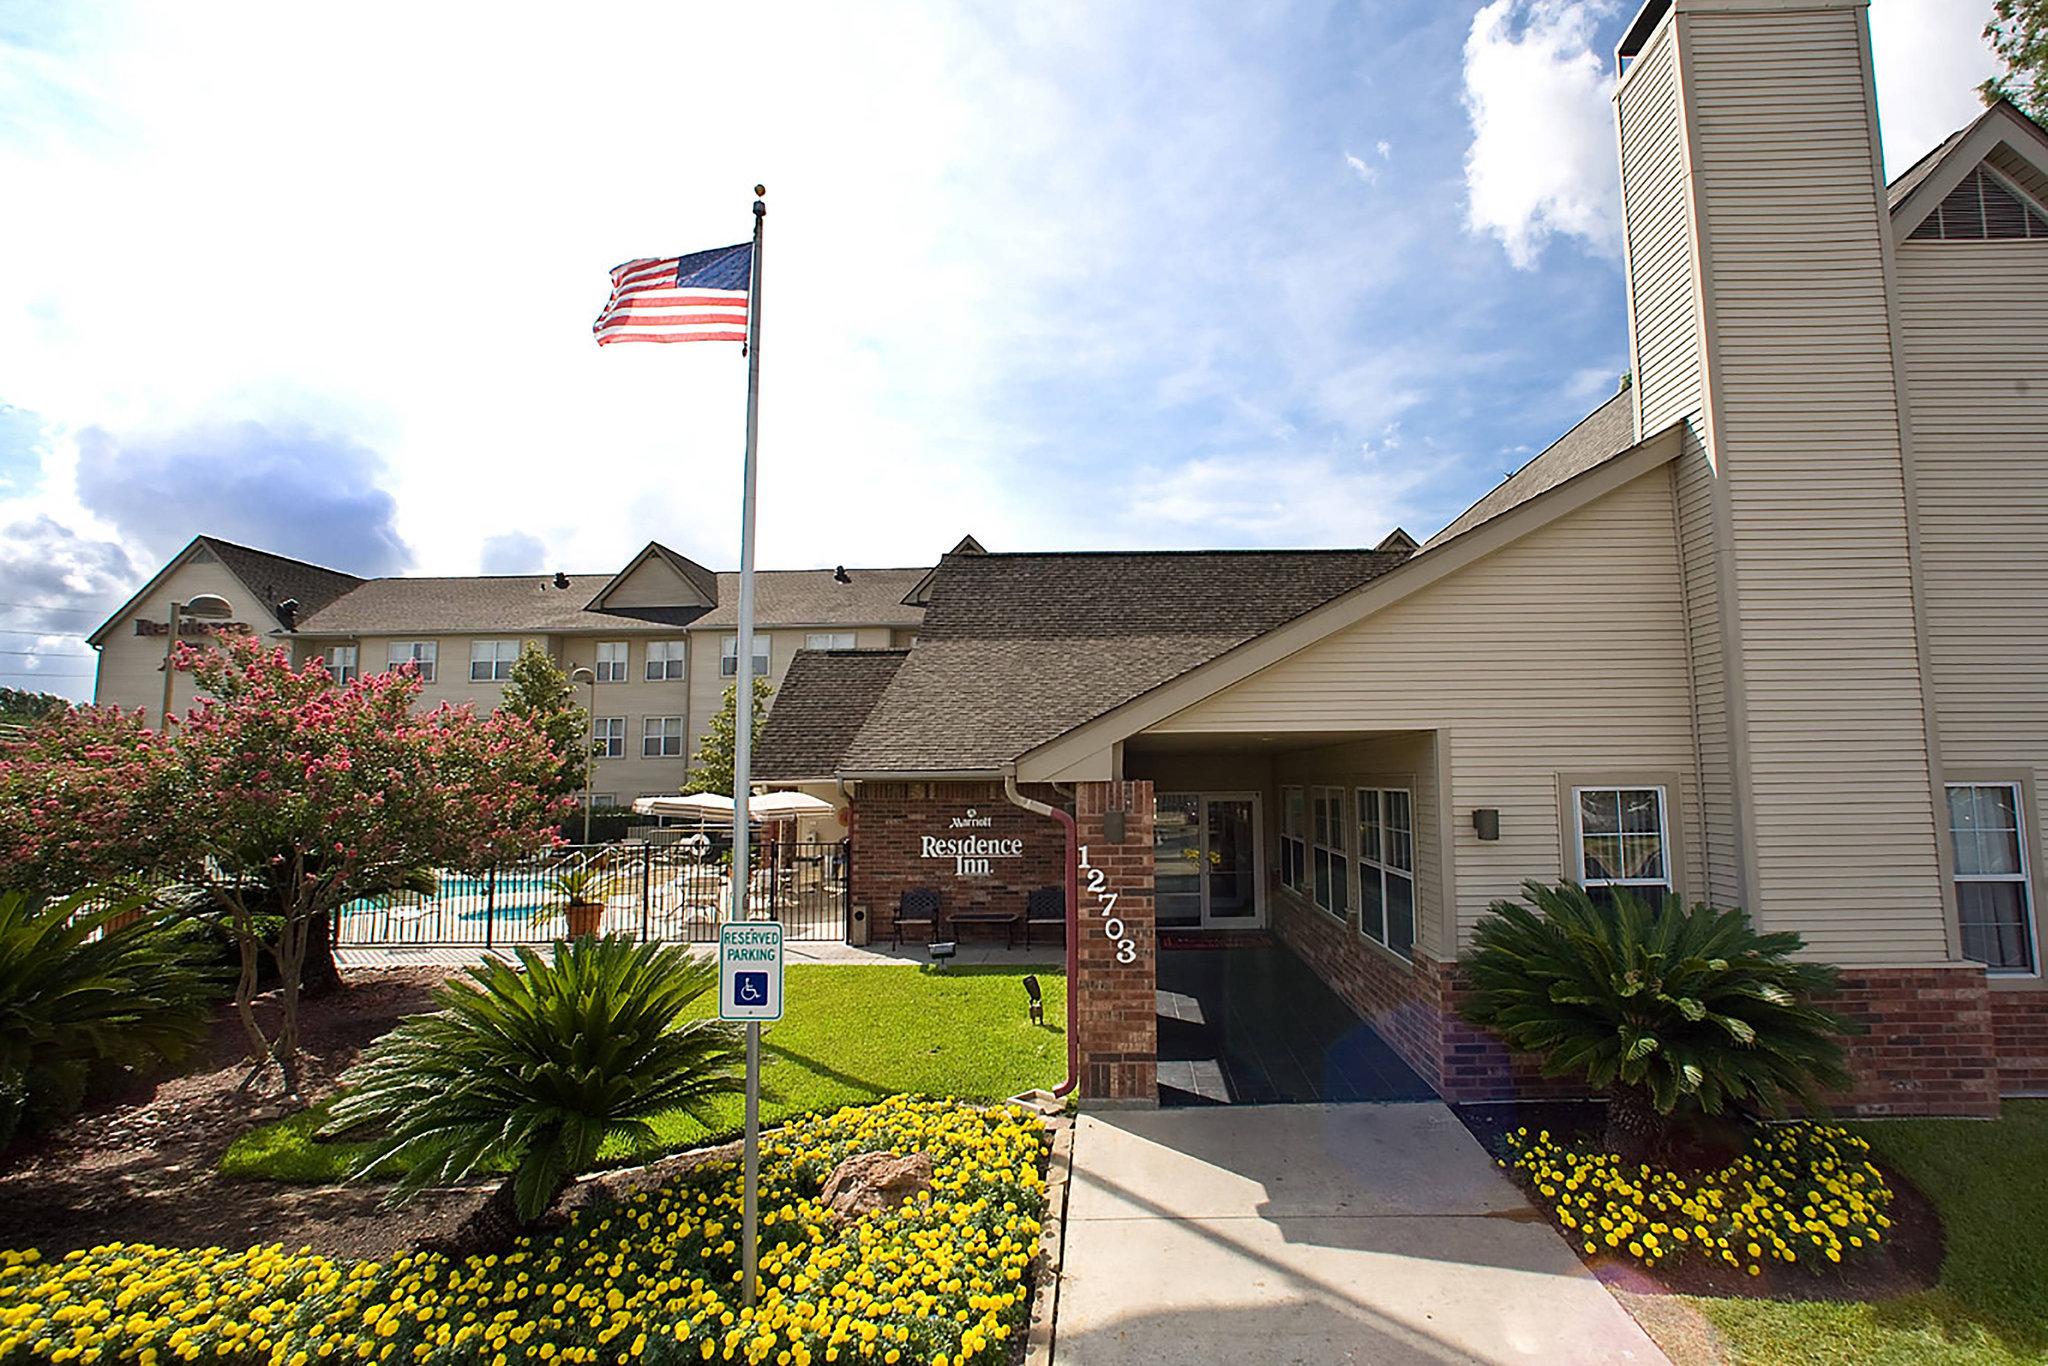 Residence Inn Houston Sugar Land